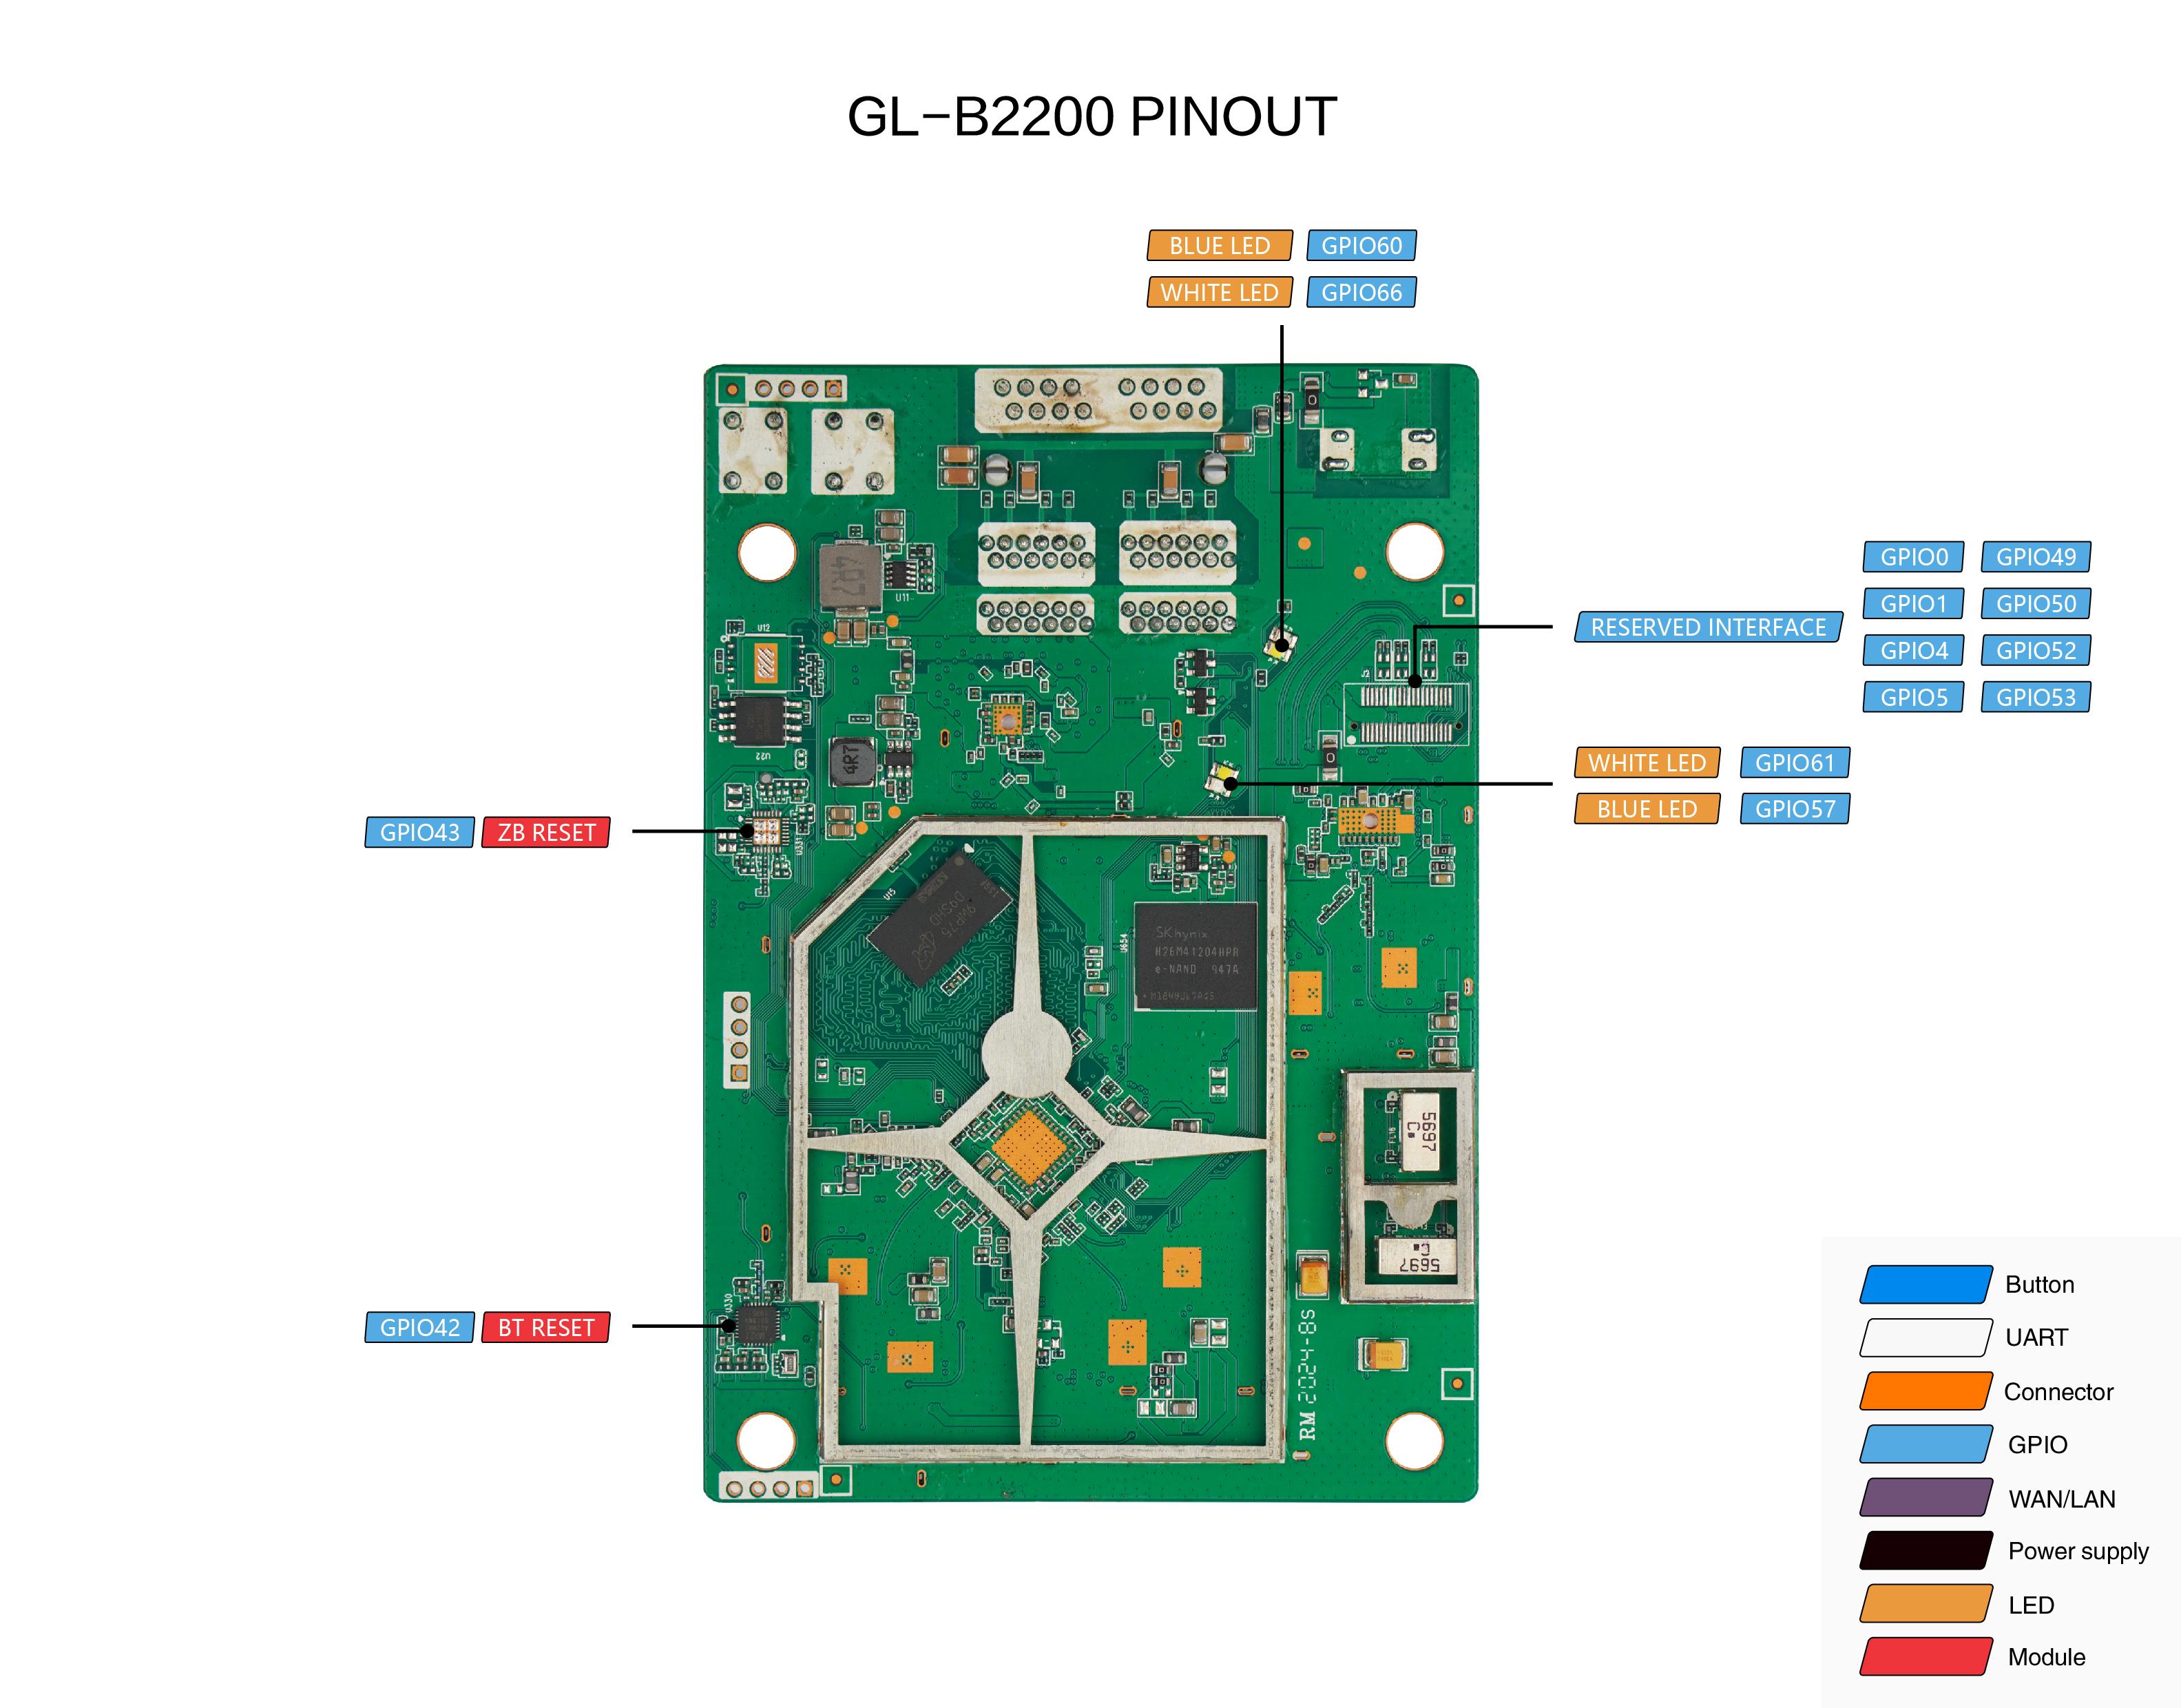 gl-b2200 pcb pinout